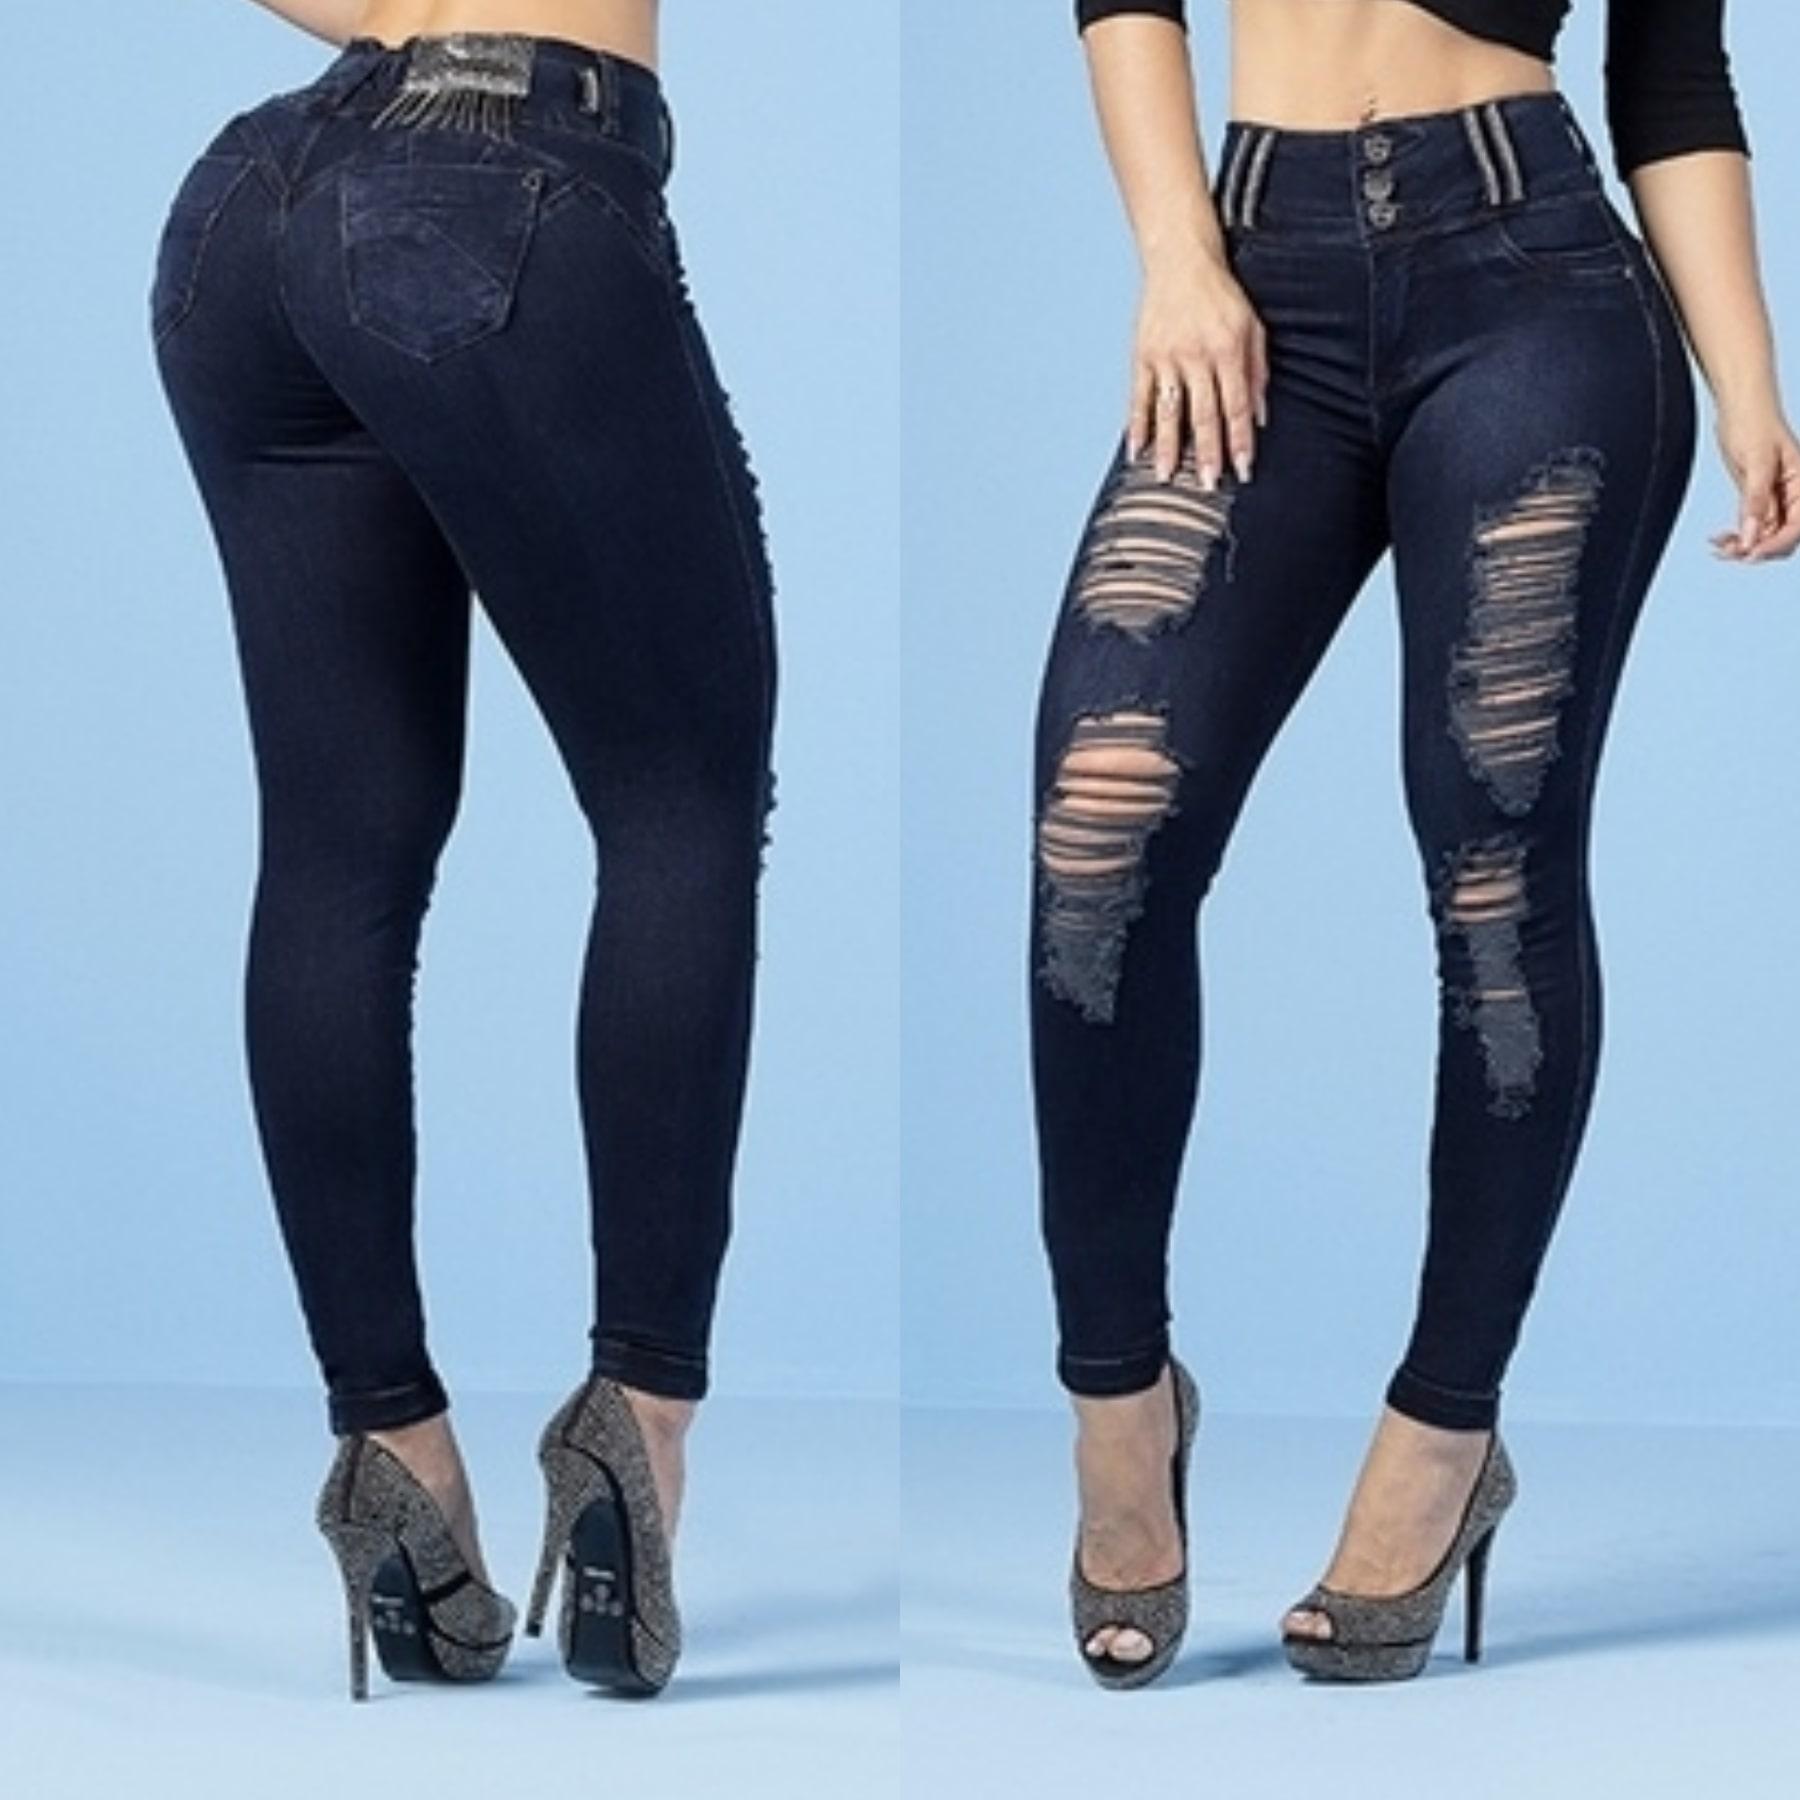 Calça Jeans Feminina Destroyerd Escuro Rhero Jeans